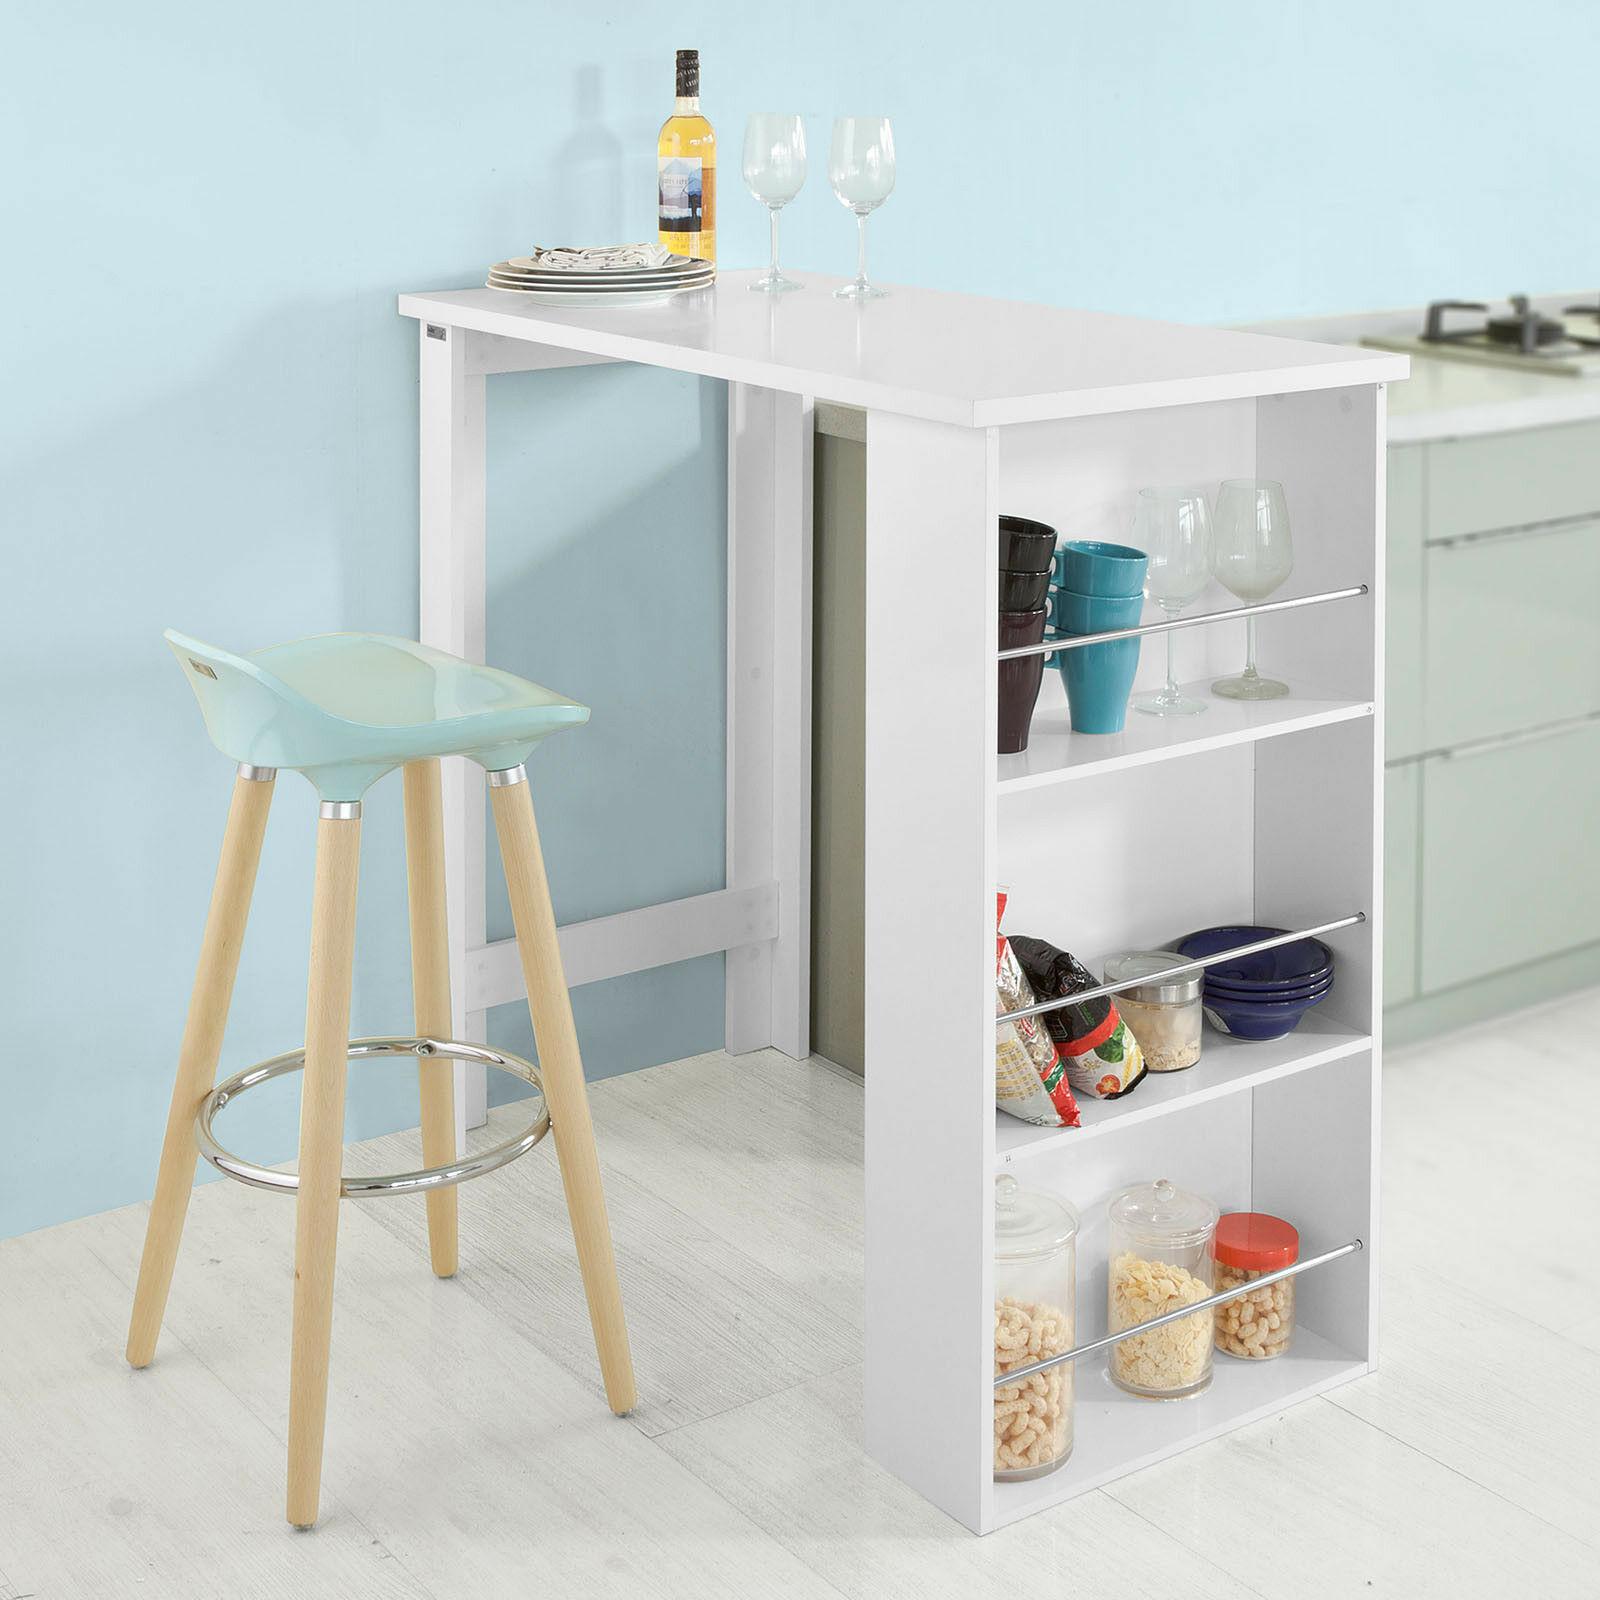 Full Size of Ikea Bartisch Hochtisch Kuche Caseconradcom Betten 160x200 Küche Miniküche Kosten Bei Modulküche Sofa Mit Schlaffunktion Kaufen Wohnzimmer Ikea Bartisch